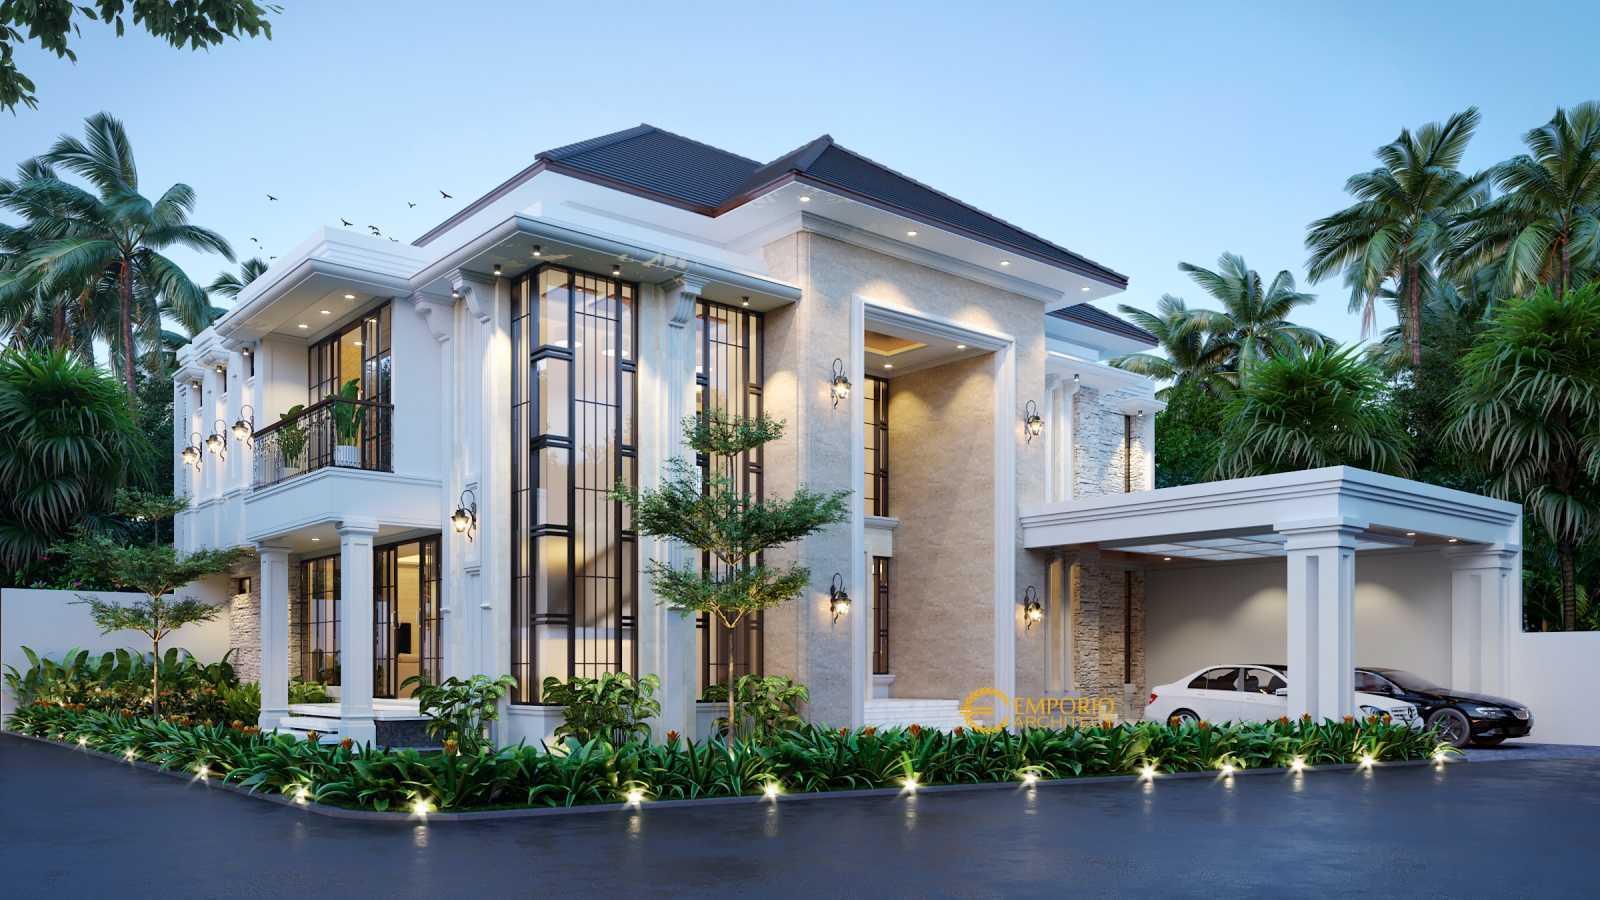 Photo emporio-architect-desain-rumah-classic-tropis-590 ...